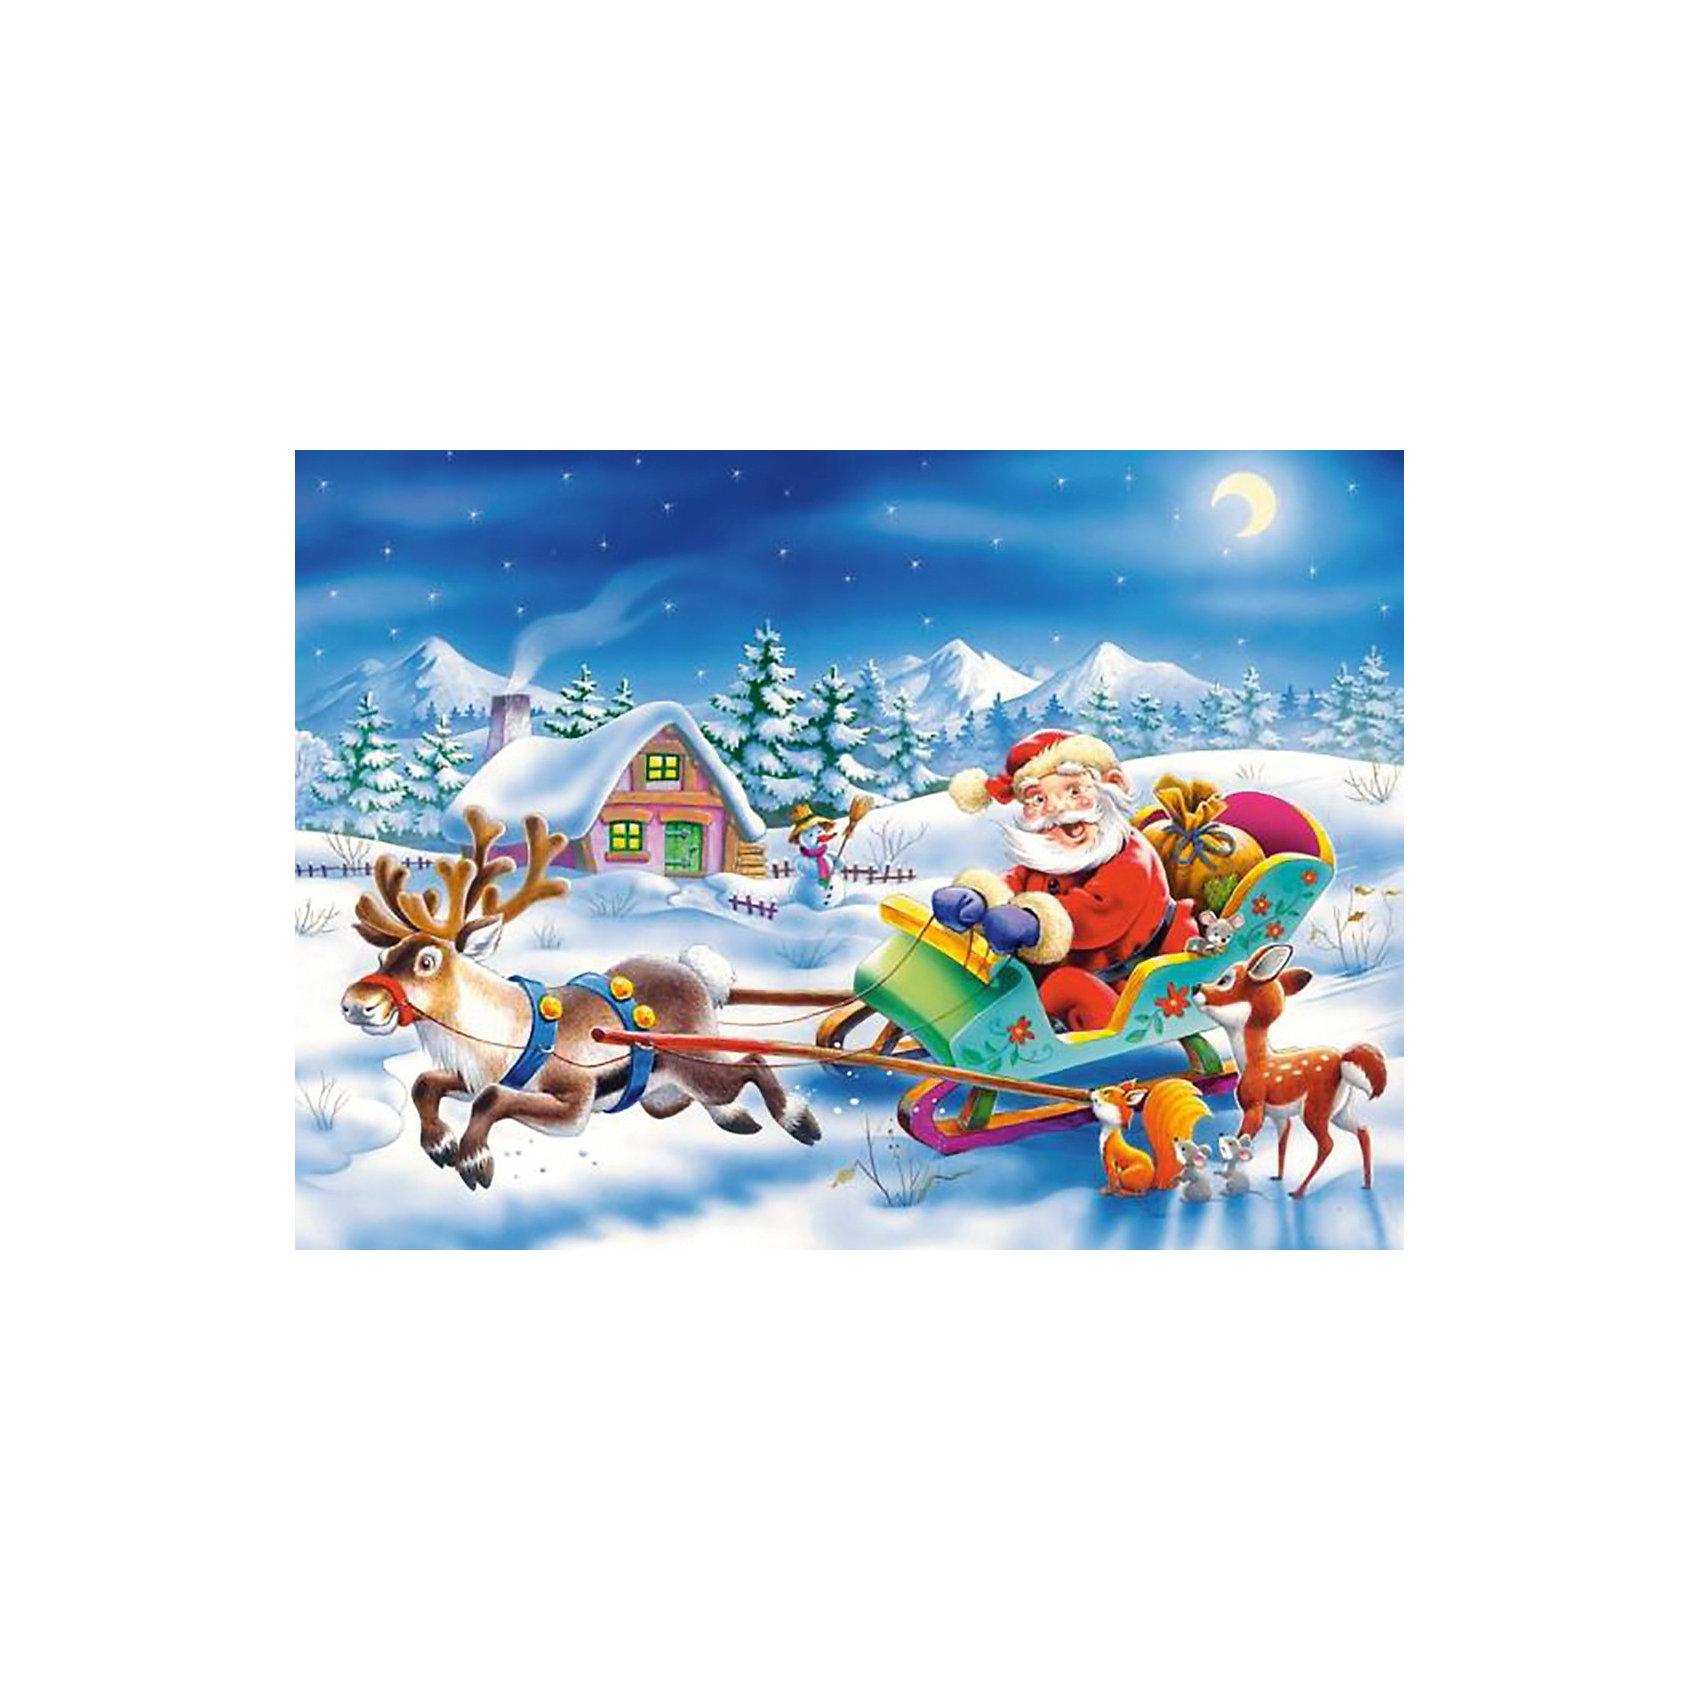 Пазл Рождество, 260 деталей , CastorlandРождество – чудесный праздник! <br>Пазл «Рождество» от Castorland (Касторленд) с высоким качеством полиграфии, насыщенной цветовой гаммой и интересным сюжетом совершенно точно понравится ребенку. Благодаря точной нарезке, детали пазла прочно состыковываются, принося массу положительных эмоций тем, кто его собирает. Очутись в атмосфере праздника с пазлом «Рождество» от Castorland (Касторленд)!<br><br>Дополнительная информация:<br><br>- Прекрасный подарок на Новый Год;<br>- Уникальное качество деталей;<br>- Развивает: воображение, логику, мелкую моторику, память;<br>- Размер упаковки: 17,6 x 24,5 x 3,6 см;<br>- Размер готовой картинки: 32 х 23 см;<br>- Вес: 150 г<br><br><br>Пазл «Рождество»,  260 деталей, Castorland (Касторленд)  можно купить в нашем интернет-магазине.<br><br>Ширина мм: 180<br>Глубина мм: 40<br>Высота мм: 130<br>Вес г: 150<br>Возраст от месяцев: 60<br>Возраст до месяцев: 120<br>Пол: Унисекс<br>Возраст: Детский<br>Количество деталей: 260<br>SKU: 3849133